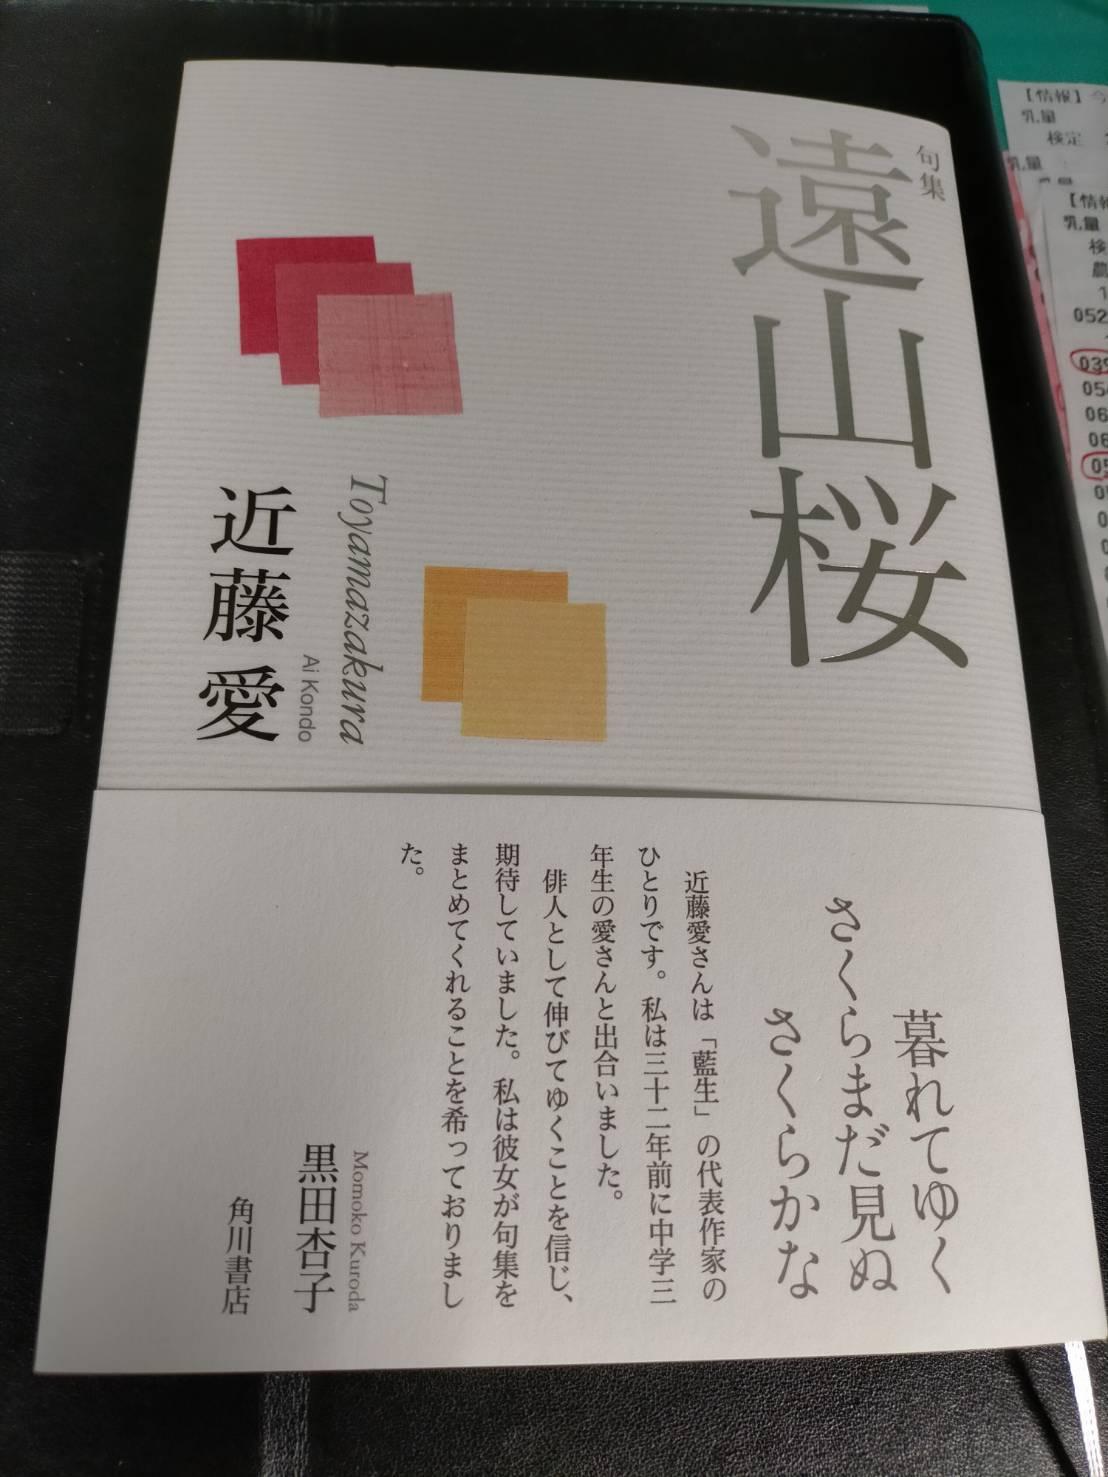 近藤愛句集「遠山桜」_a0265614_21464429.jpg